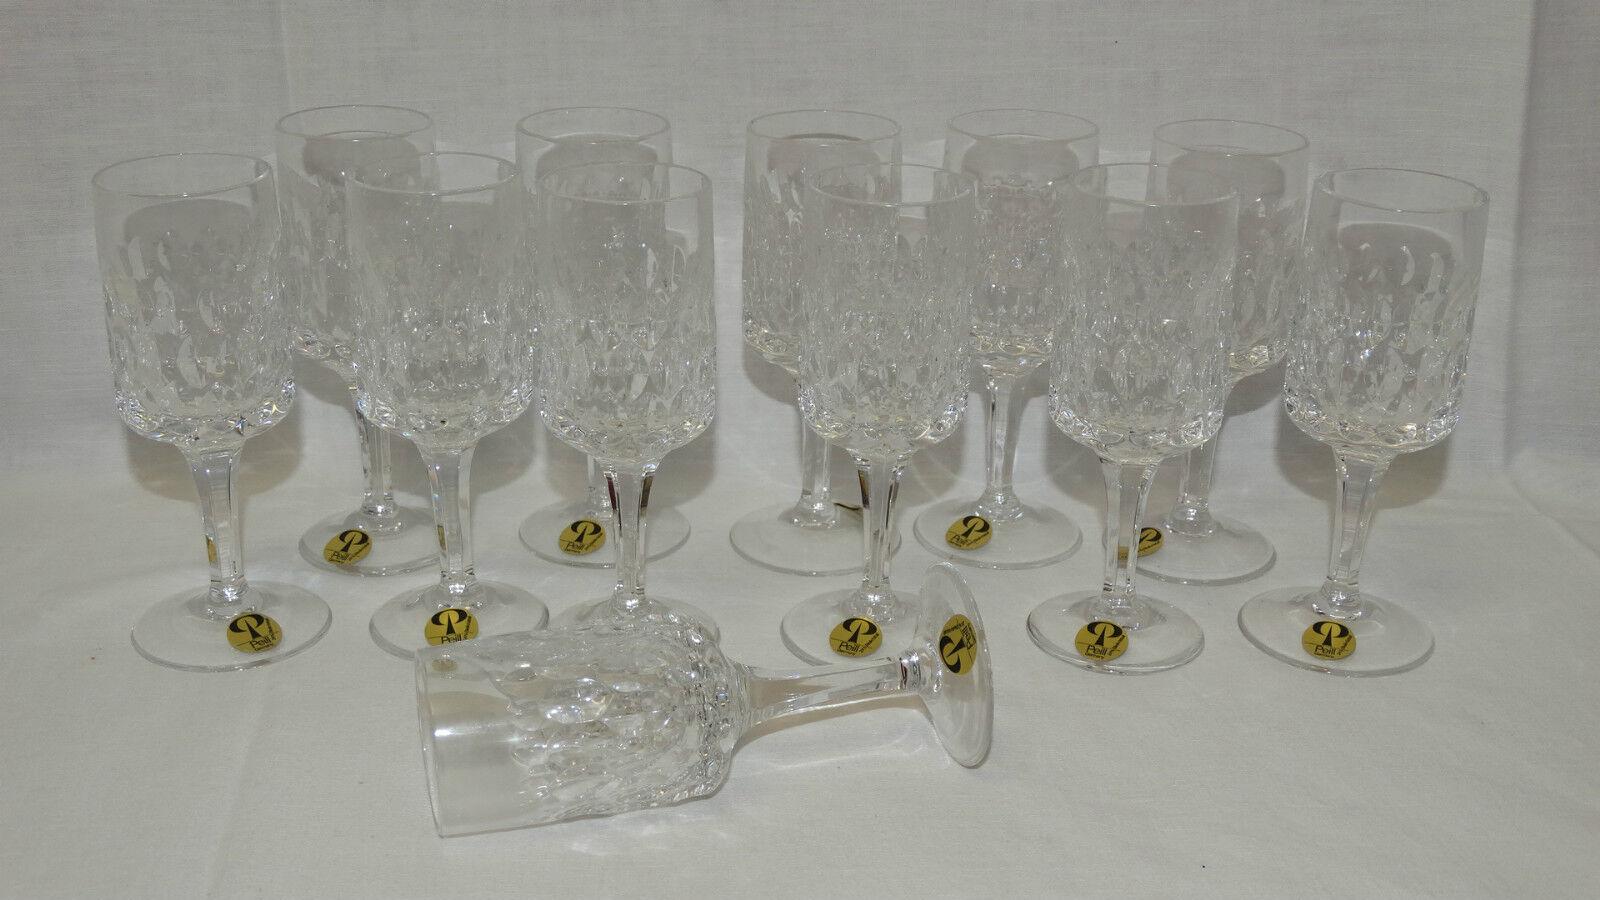 Kristall Schnaps  Likör  Gläser Peil & Putzler GRANADA Kristallgläser 12 ST | Zu einem niedrigeren Preis